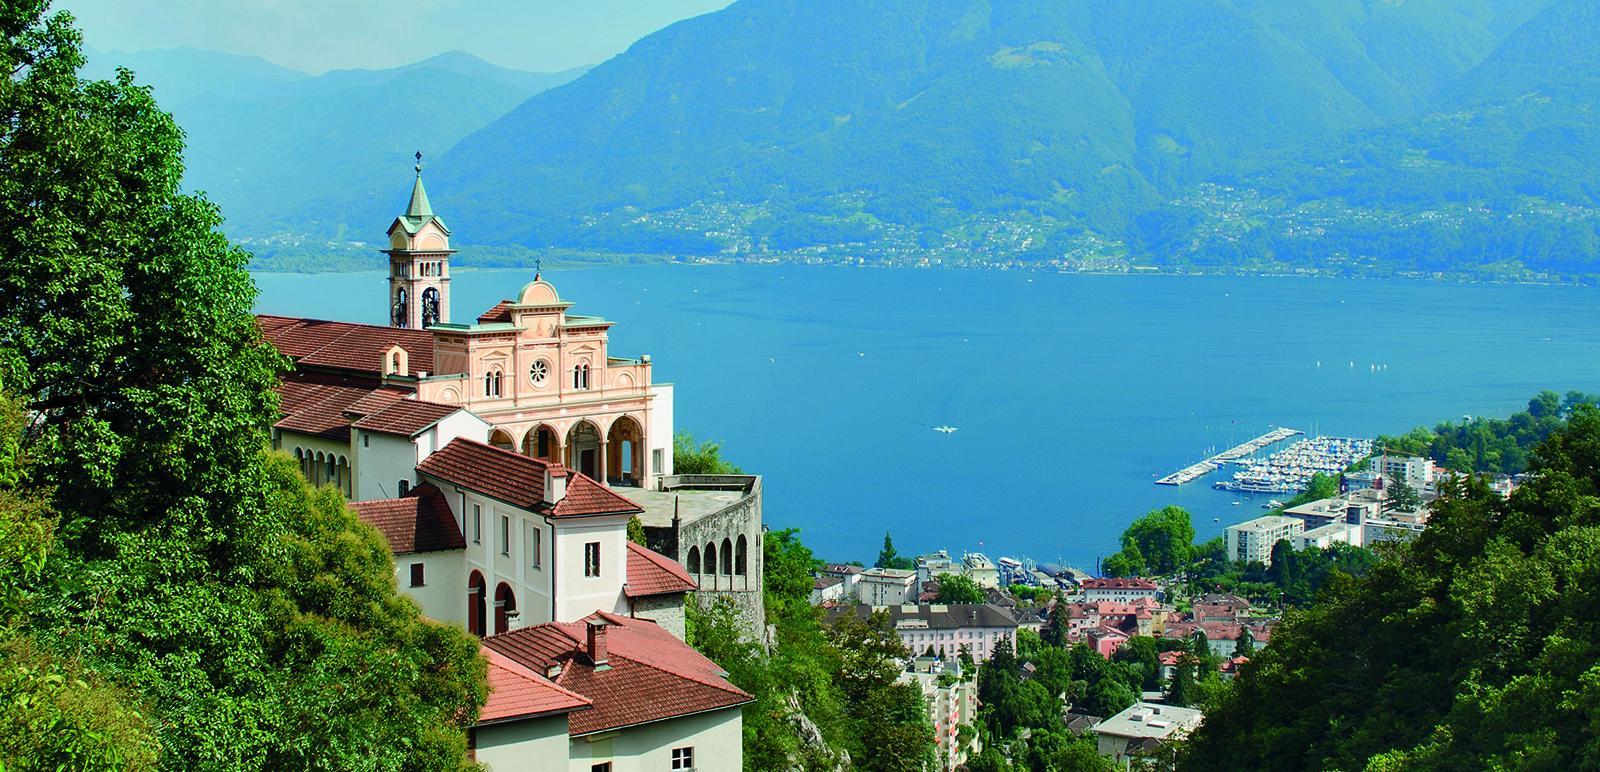 Kirche von Madonna del Sasso und Lago Maggiore